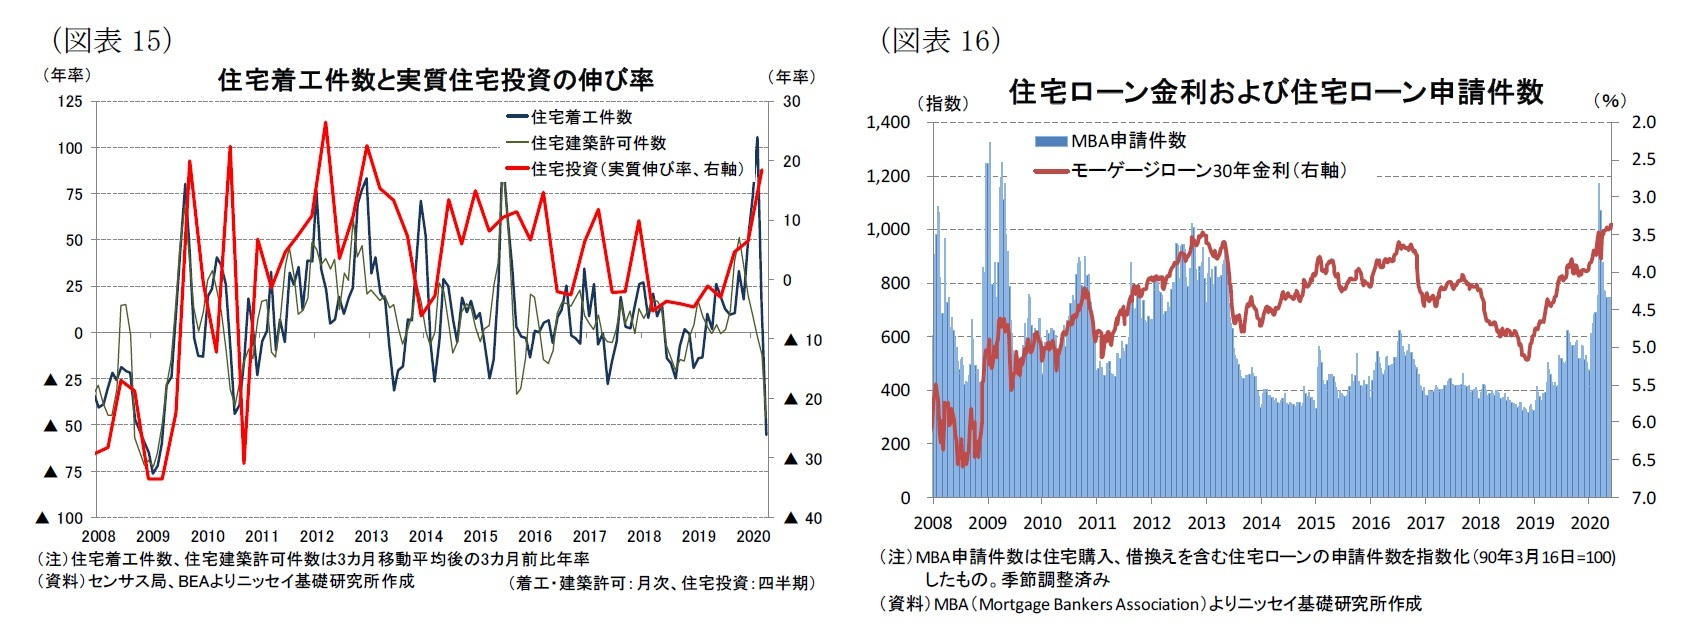 (図表15)住宅着工件数と実質住宅投資の伸び率/(図表16)住宅ローン金利および住宅ローン申請件数